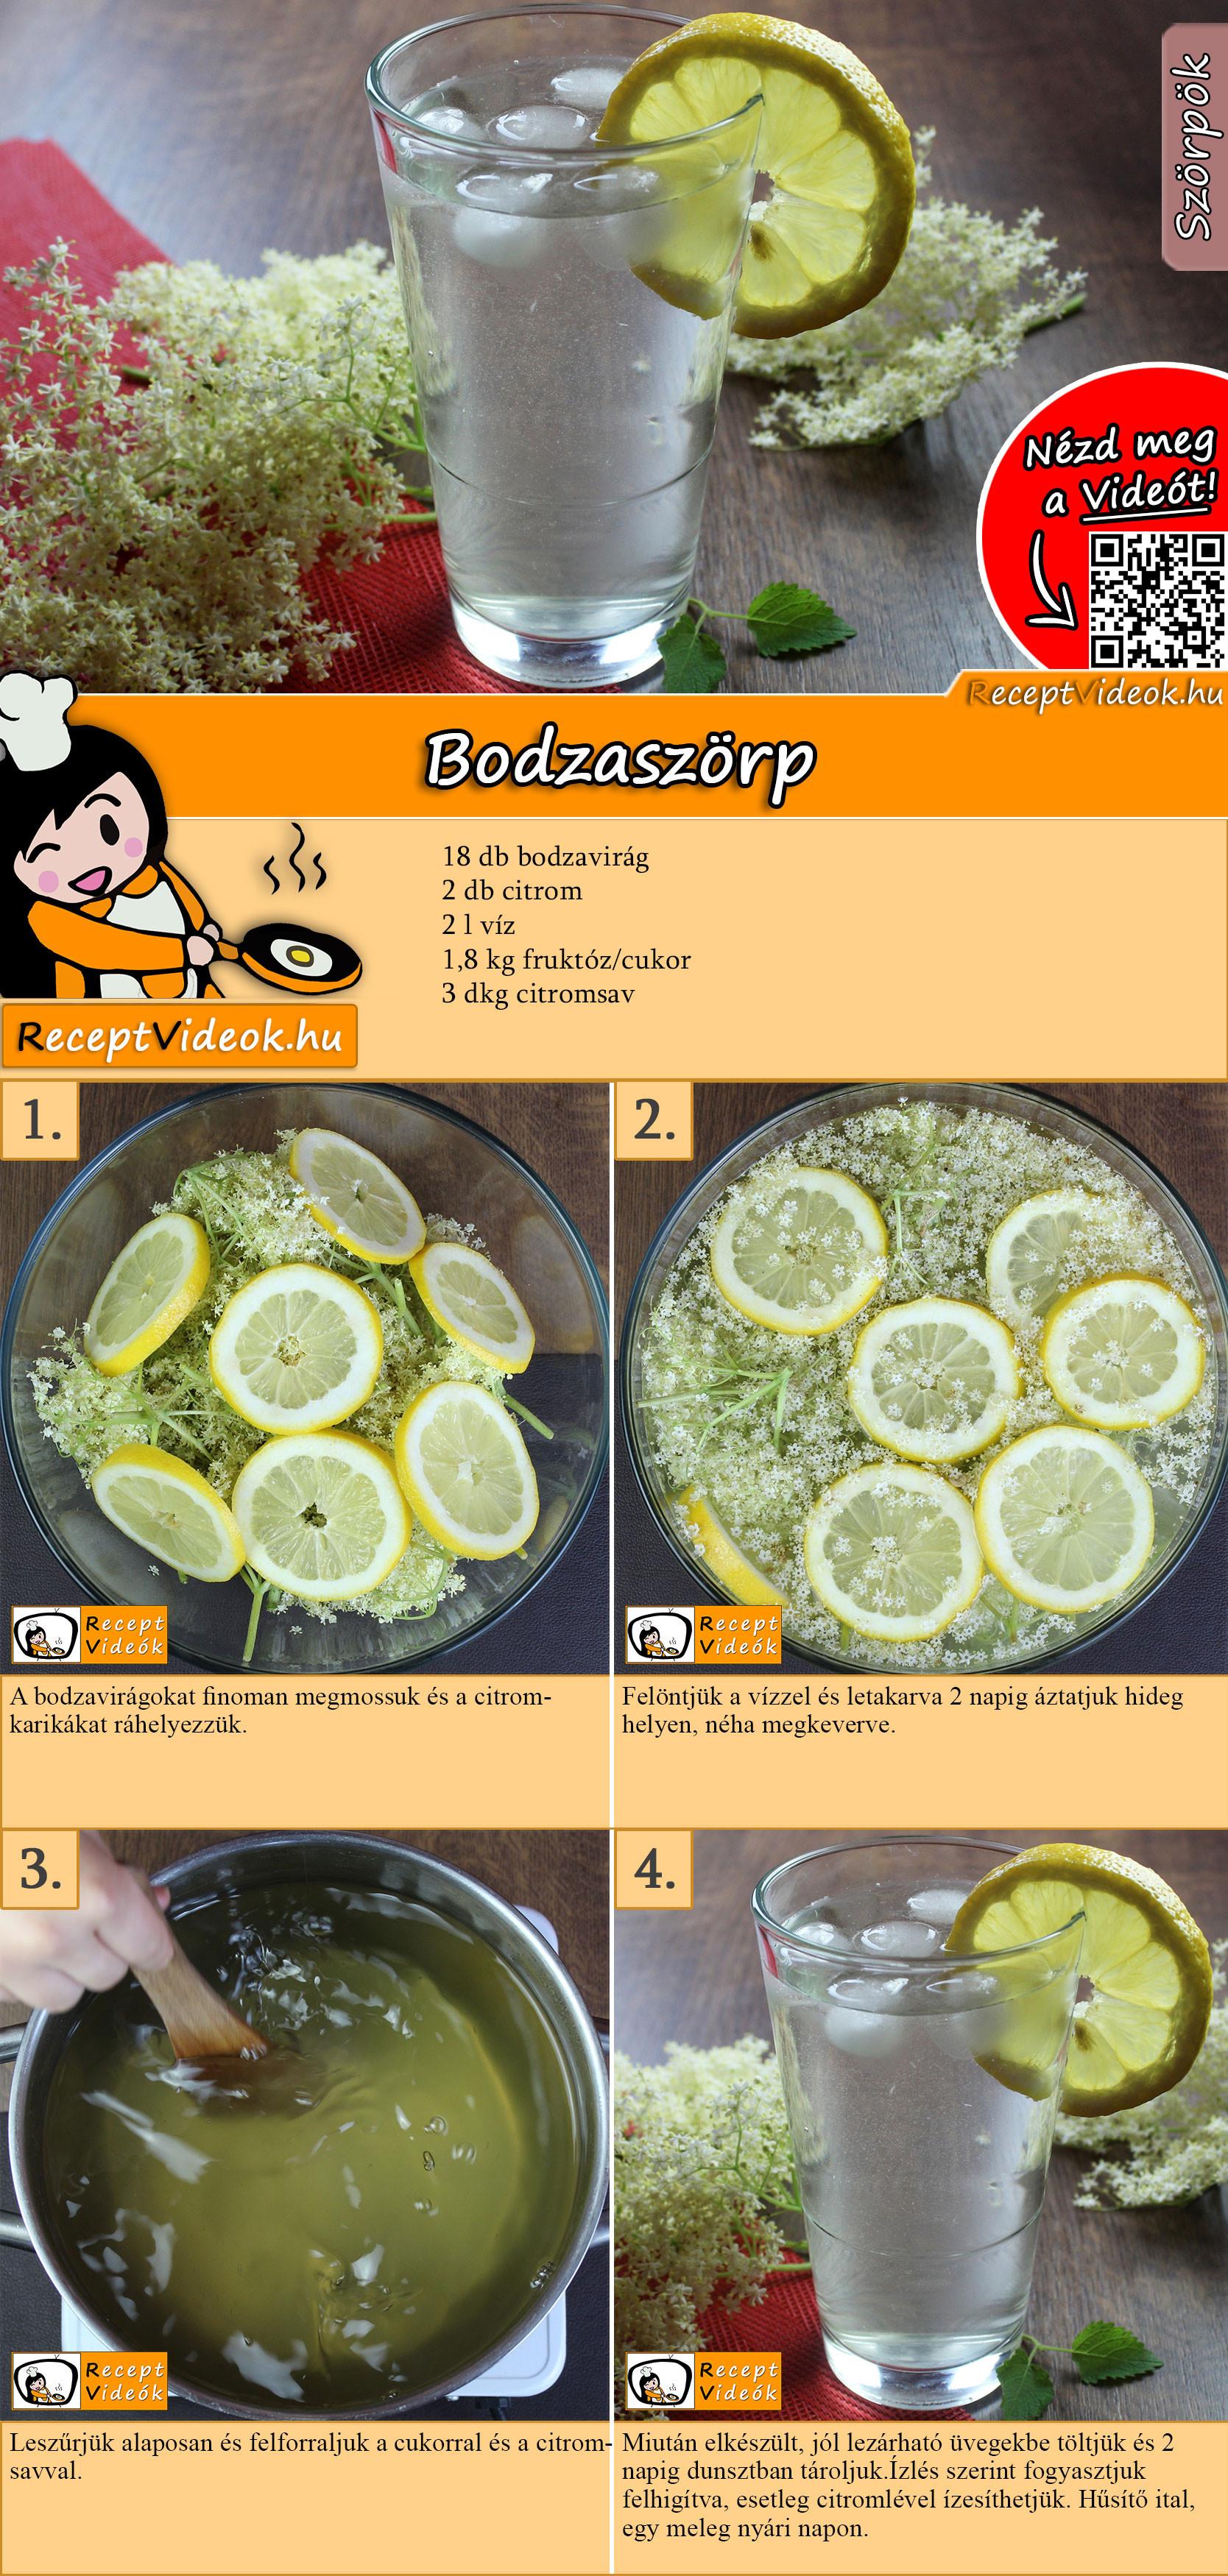 Bodzaszörp recept elkészítése videóval